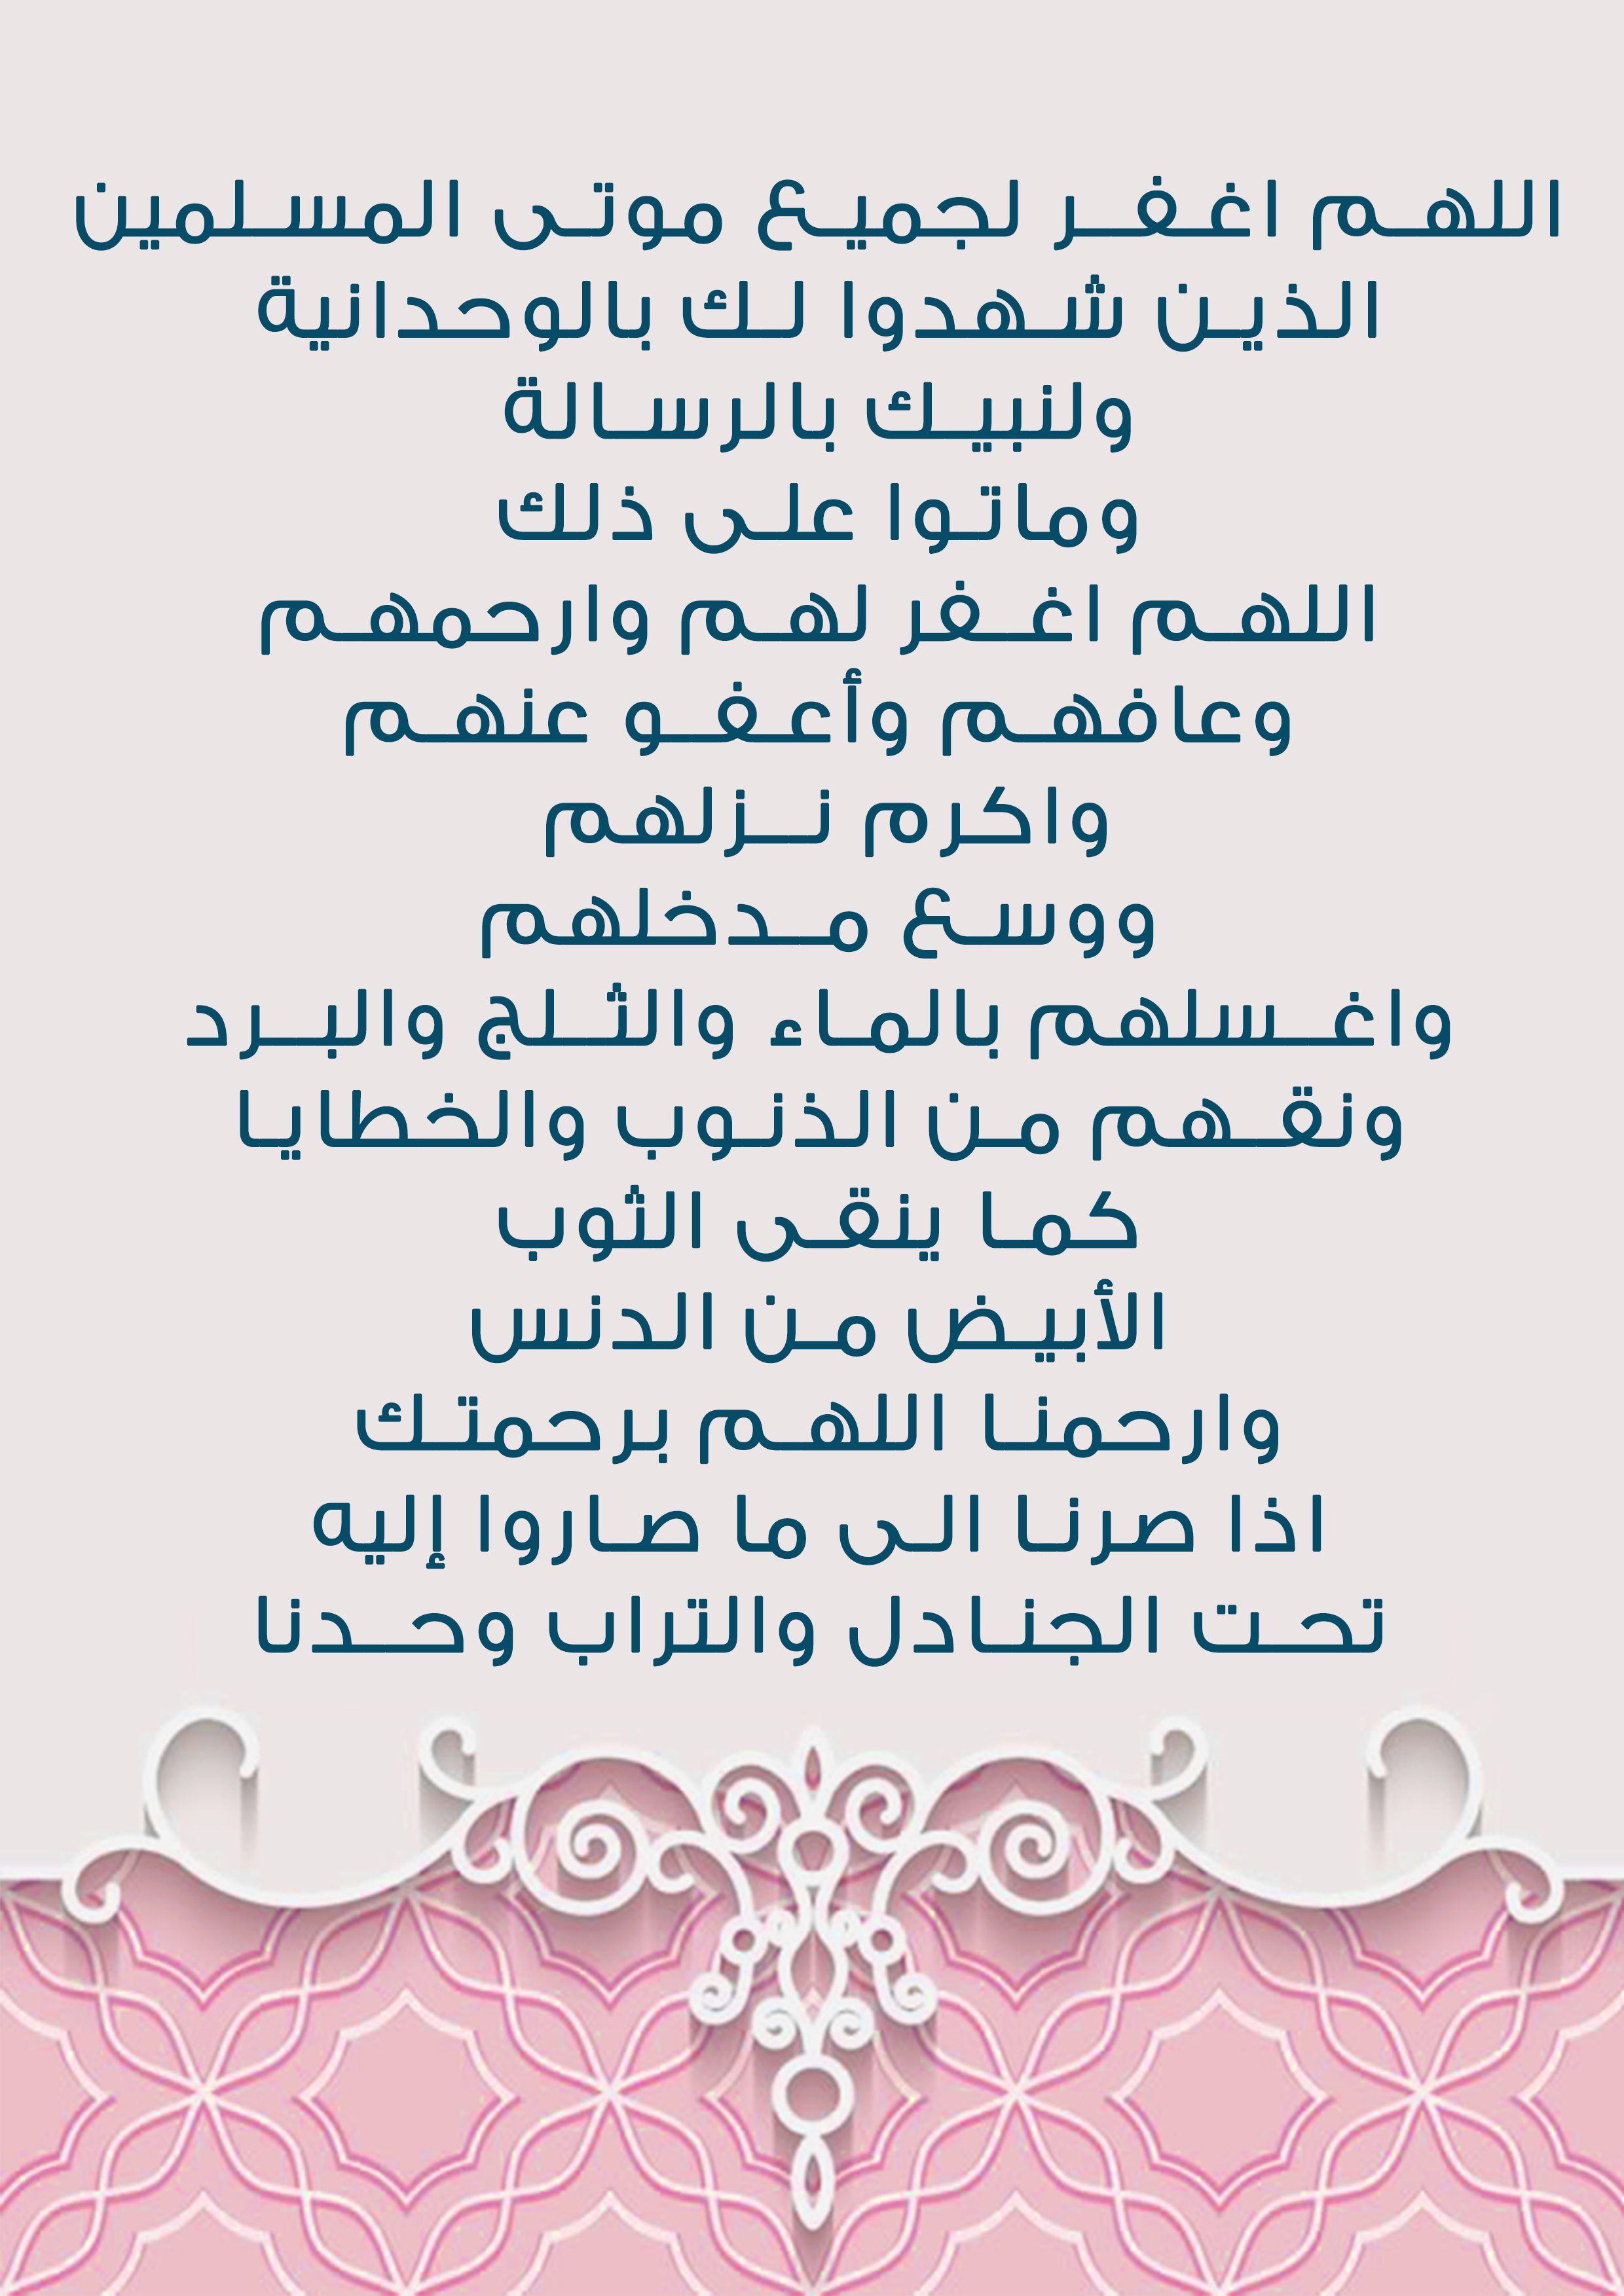 نتيجة بحث الصور عن دعاء القنوت Quran Quotes Inspirational Quran Quotes Love Islamic Phrases